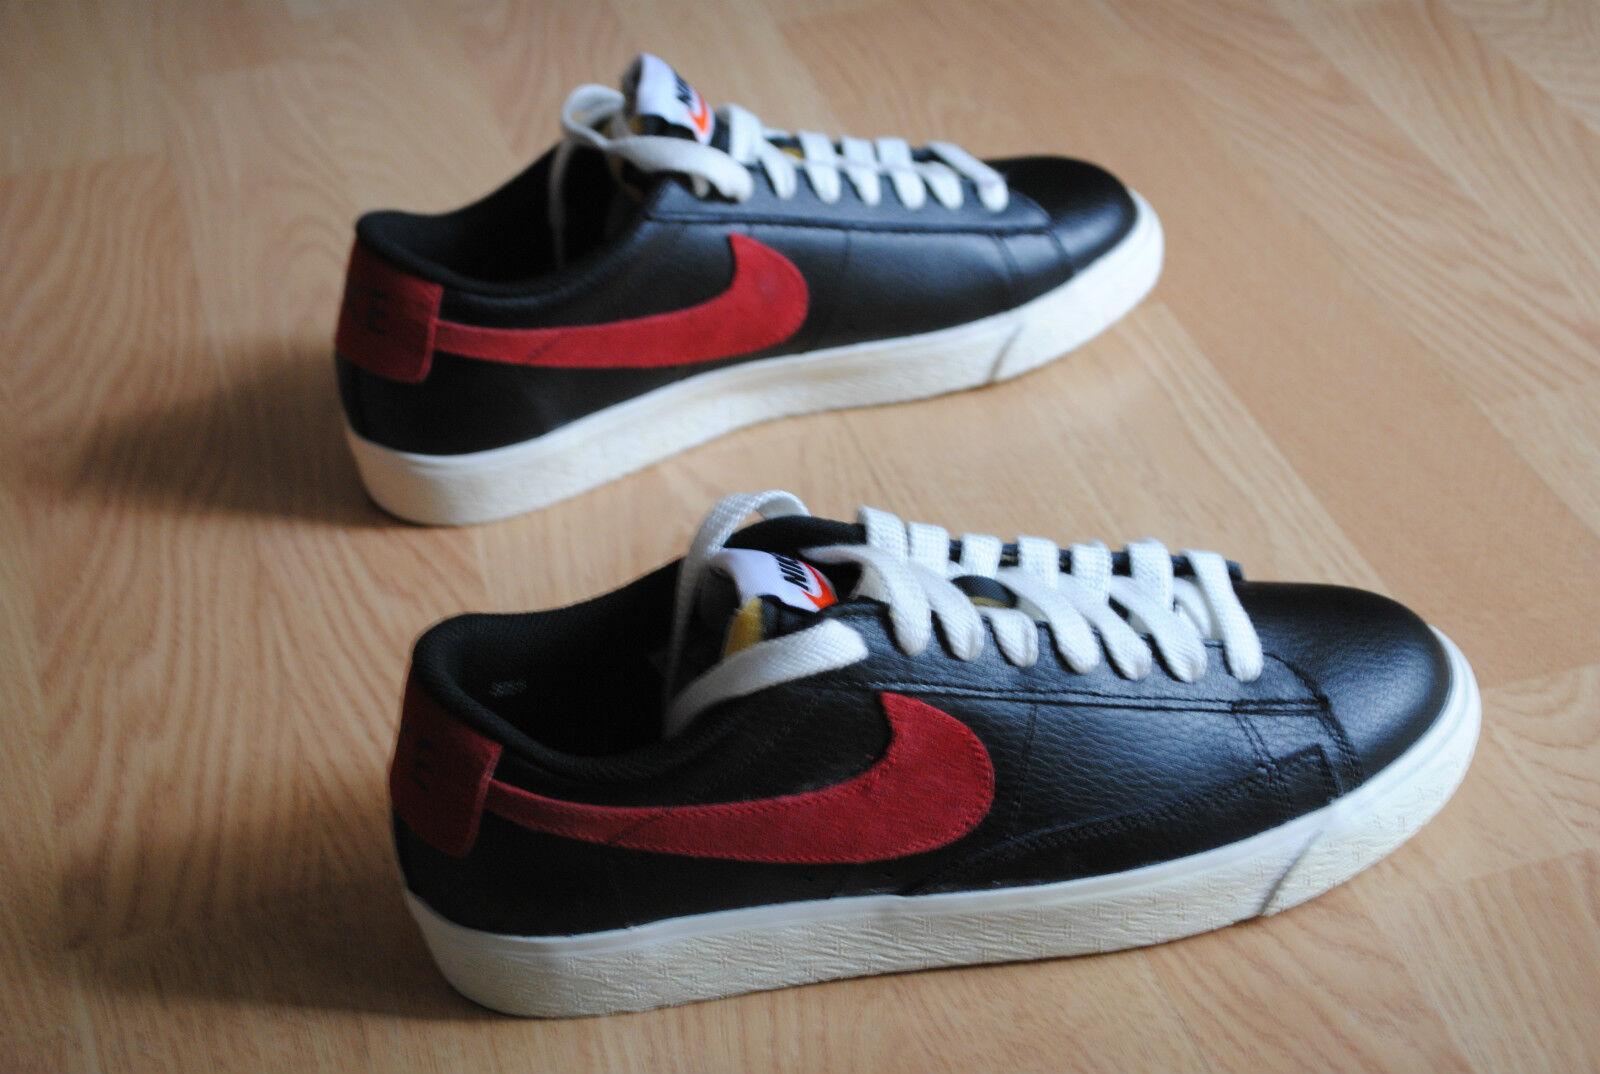 Nike Blazer 42 Premium Vntg Lthr 41 42 Blazer  bruin joRdAn air fOrCe 1 Vintage cOrTez 01a879